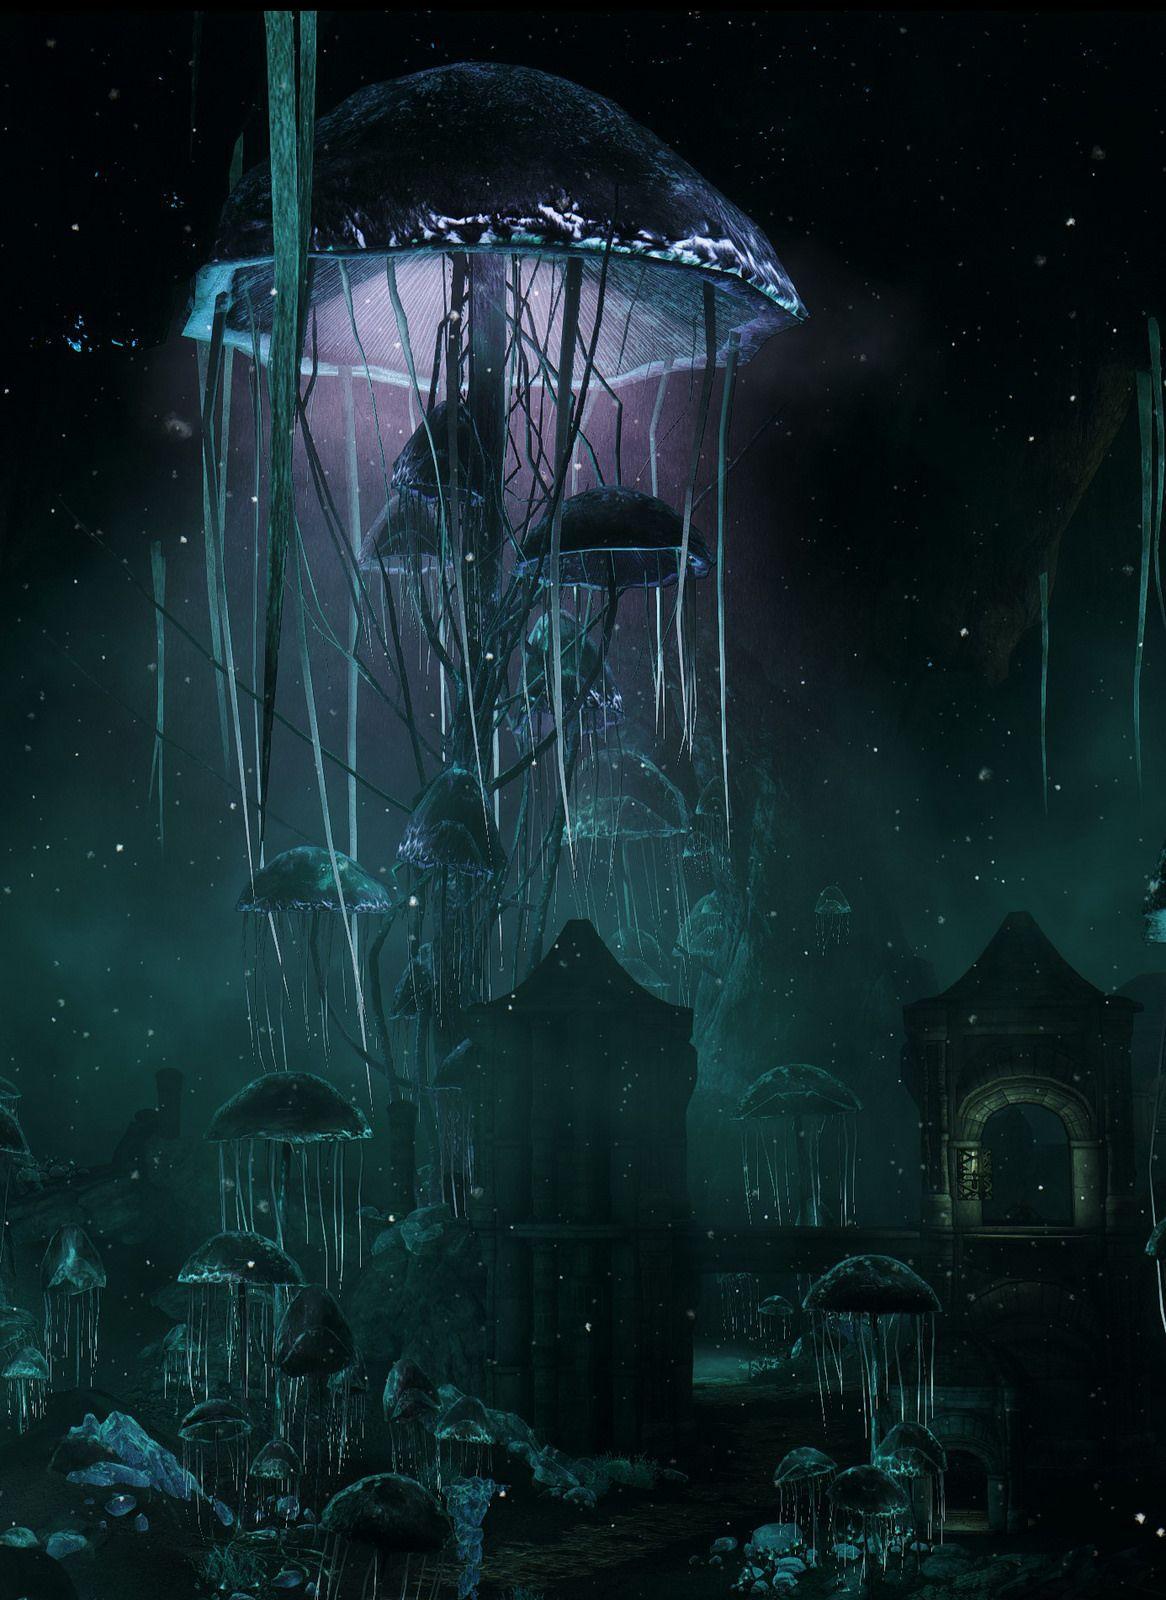 Skyrim Markarth House : skyrim, markarth, house, Blackreach, Skyrim, Elder, Scrolls, Skyrim,, Games